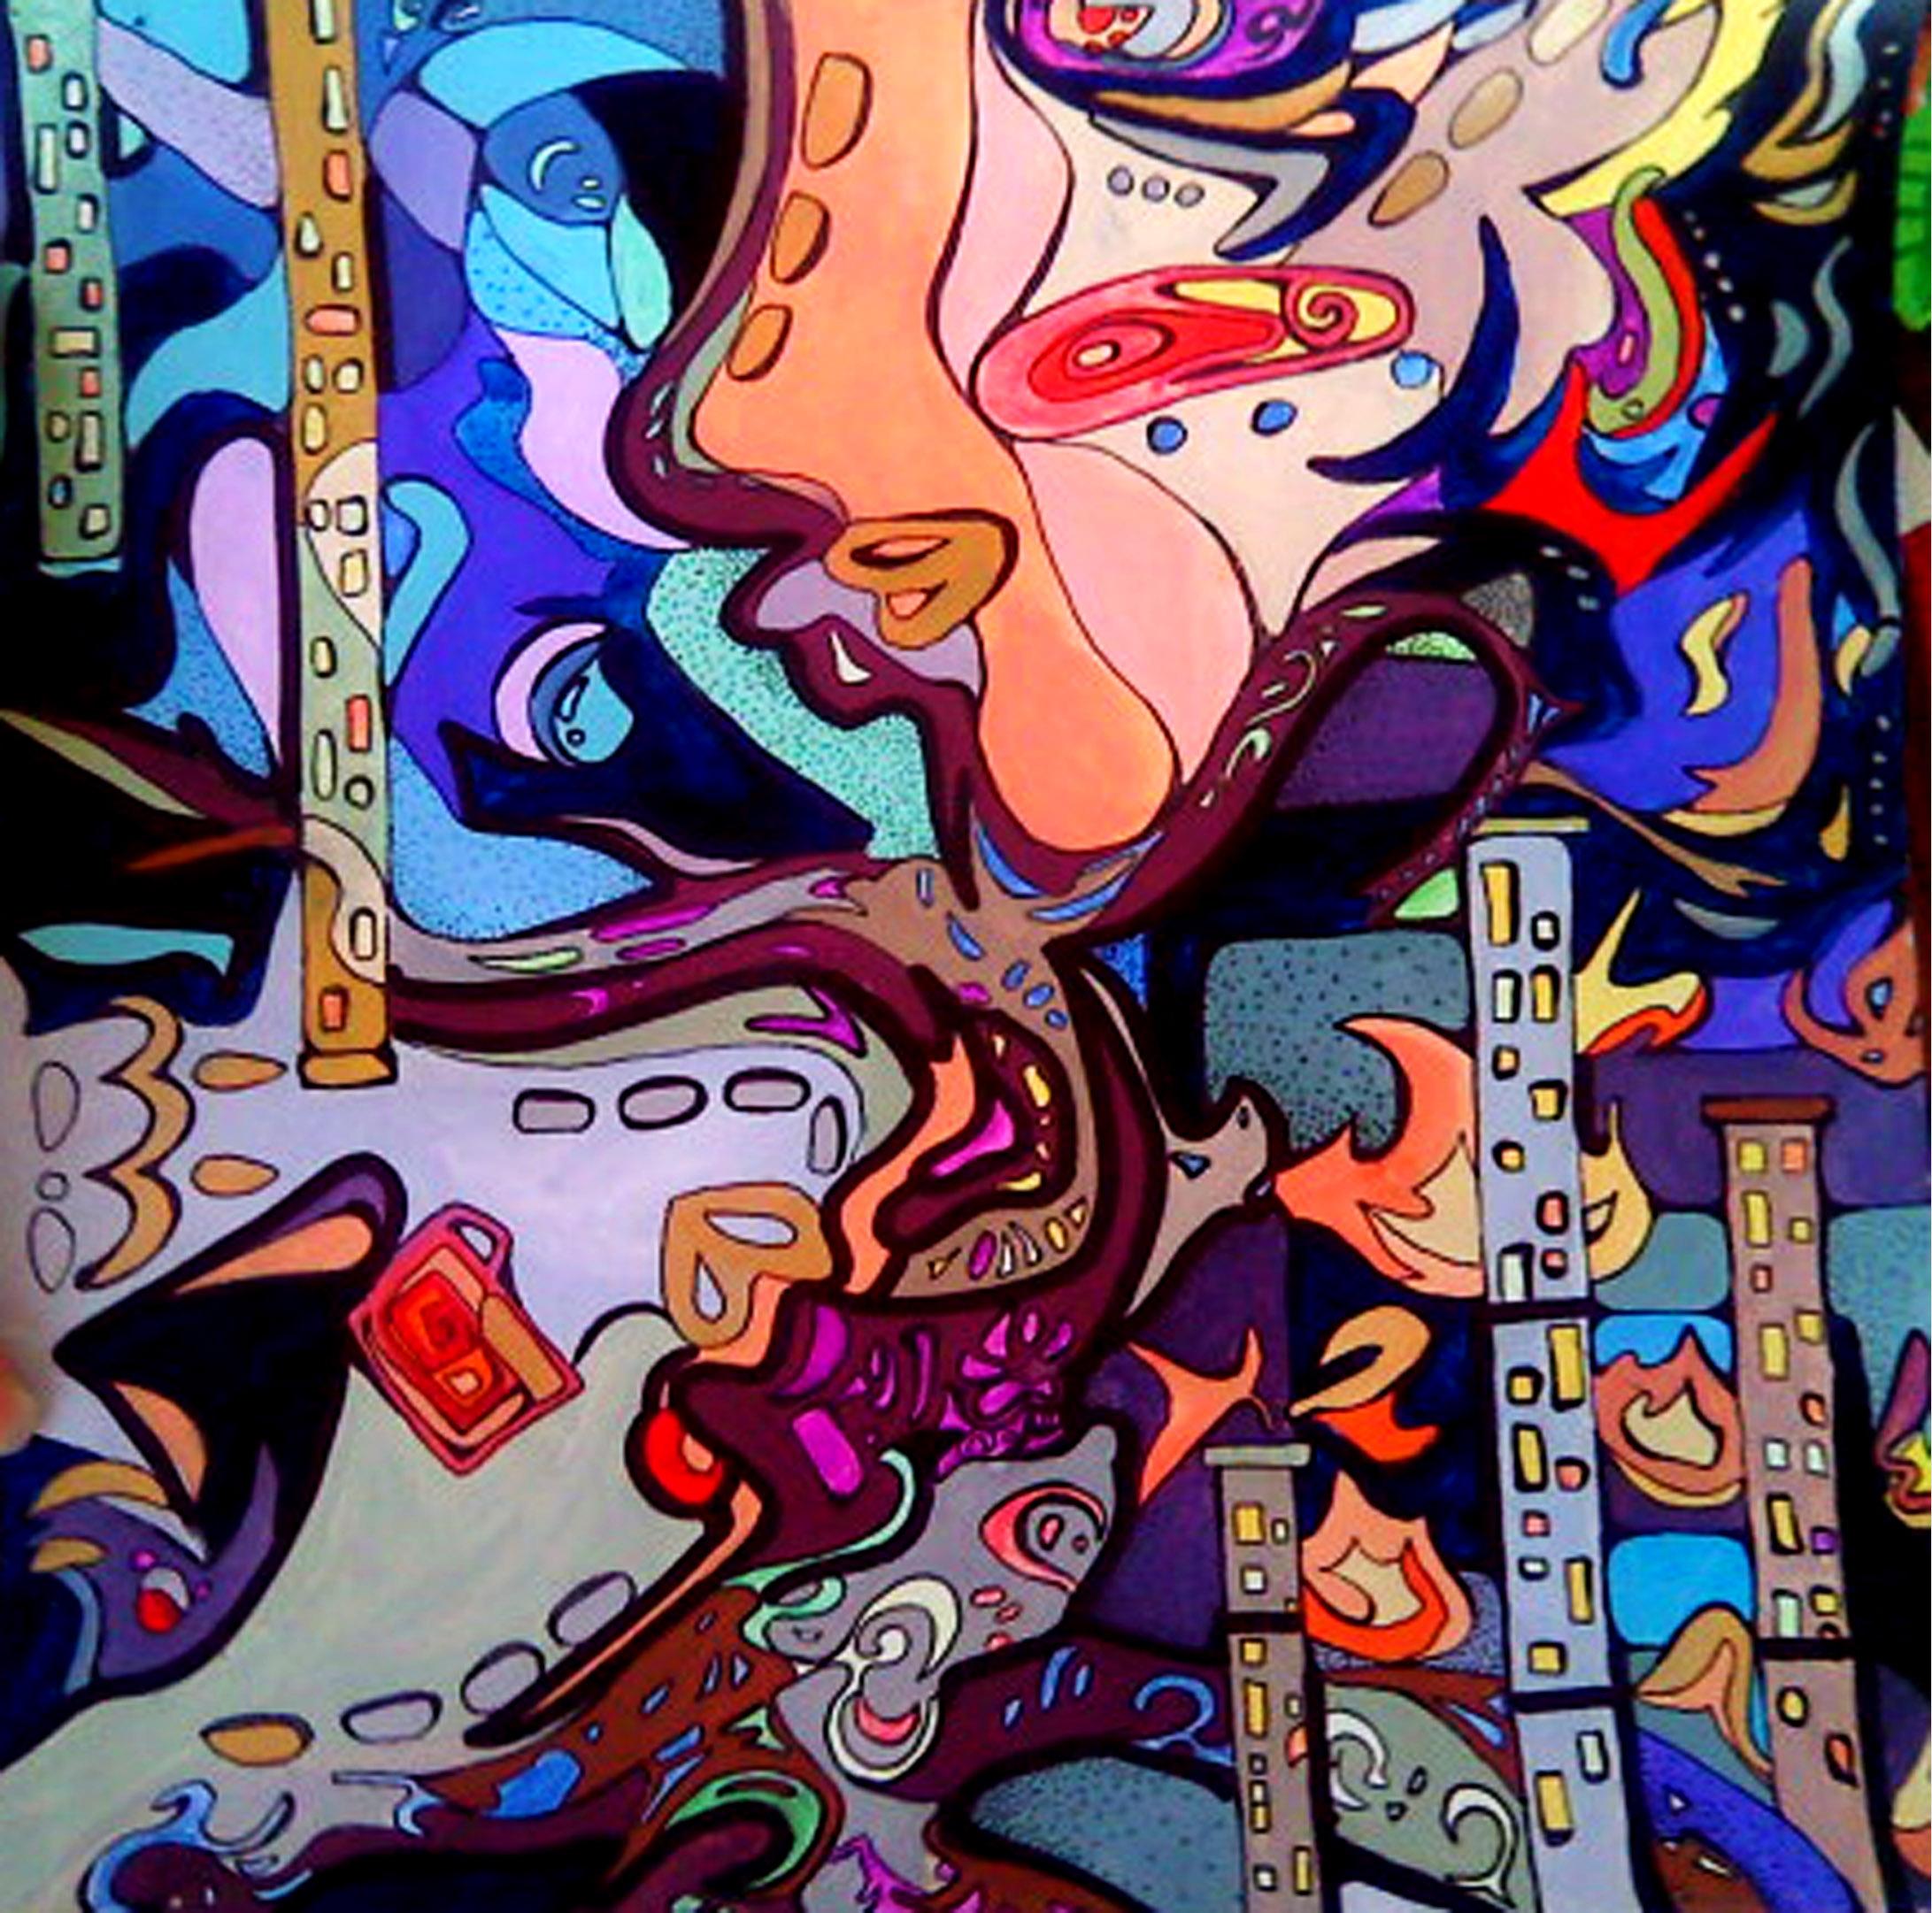 手绘插画  插画 概念设定 odd2012 - 原创作品 - 站酷